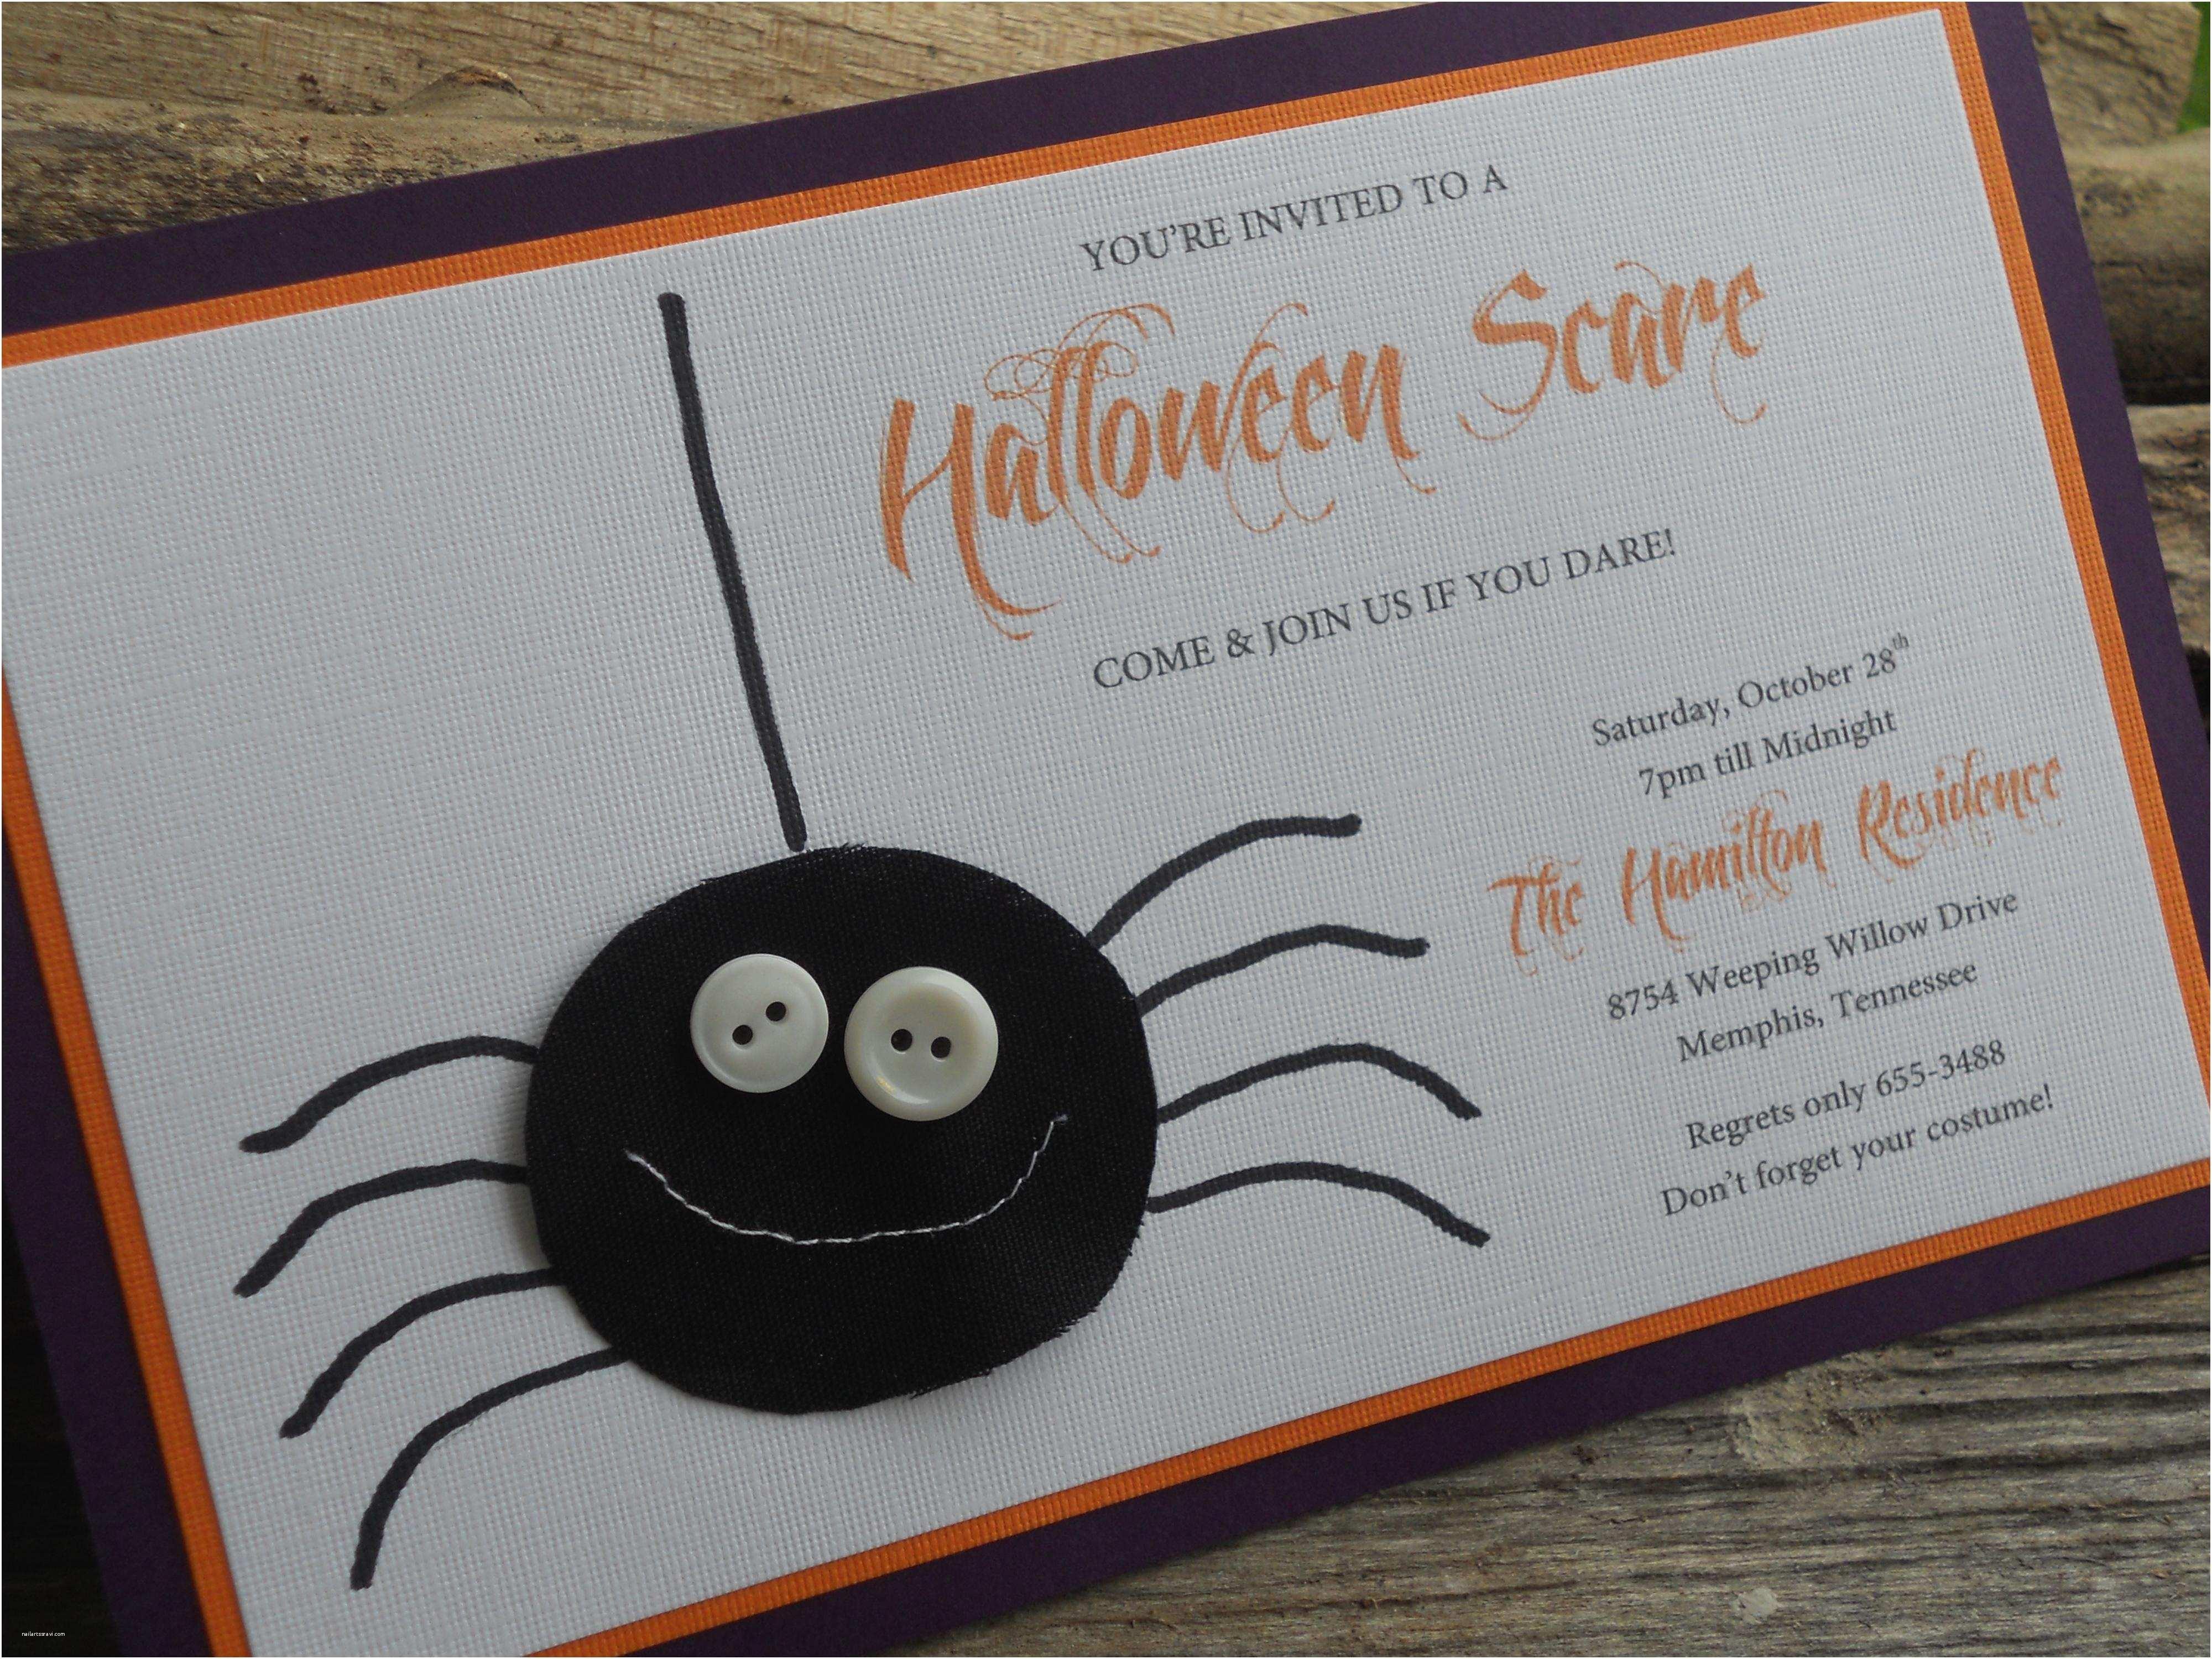 Halloween Party Invitation Ideas Halloween Party Invitation Wording